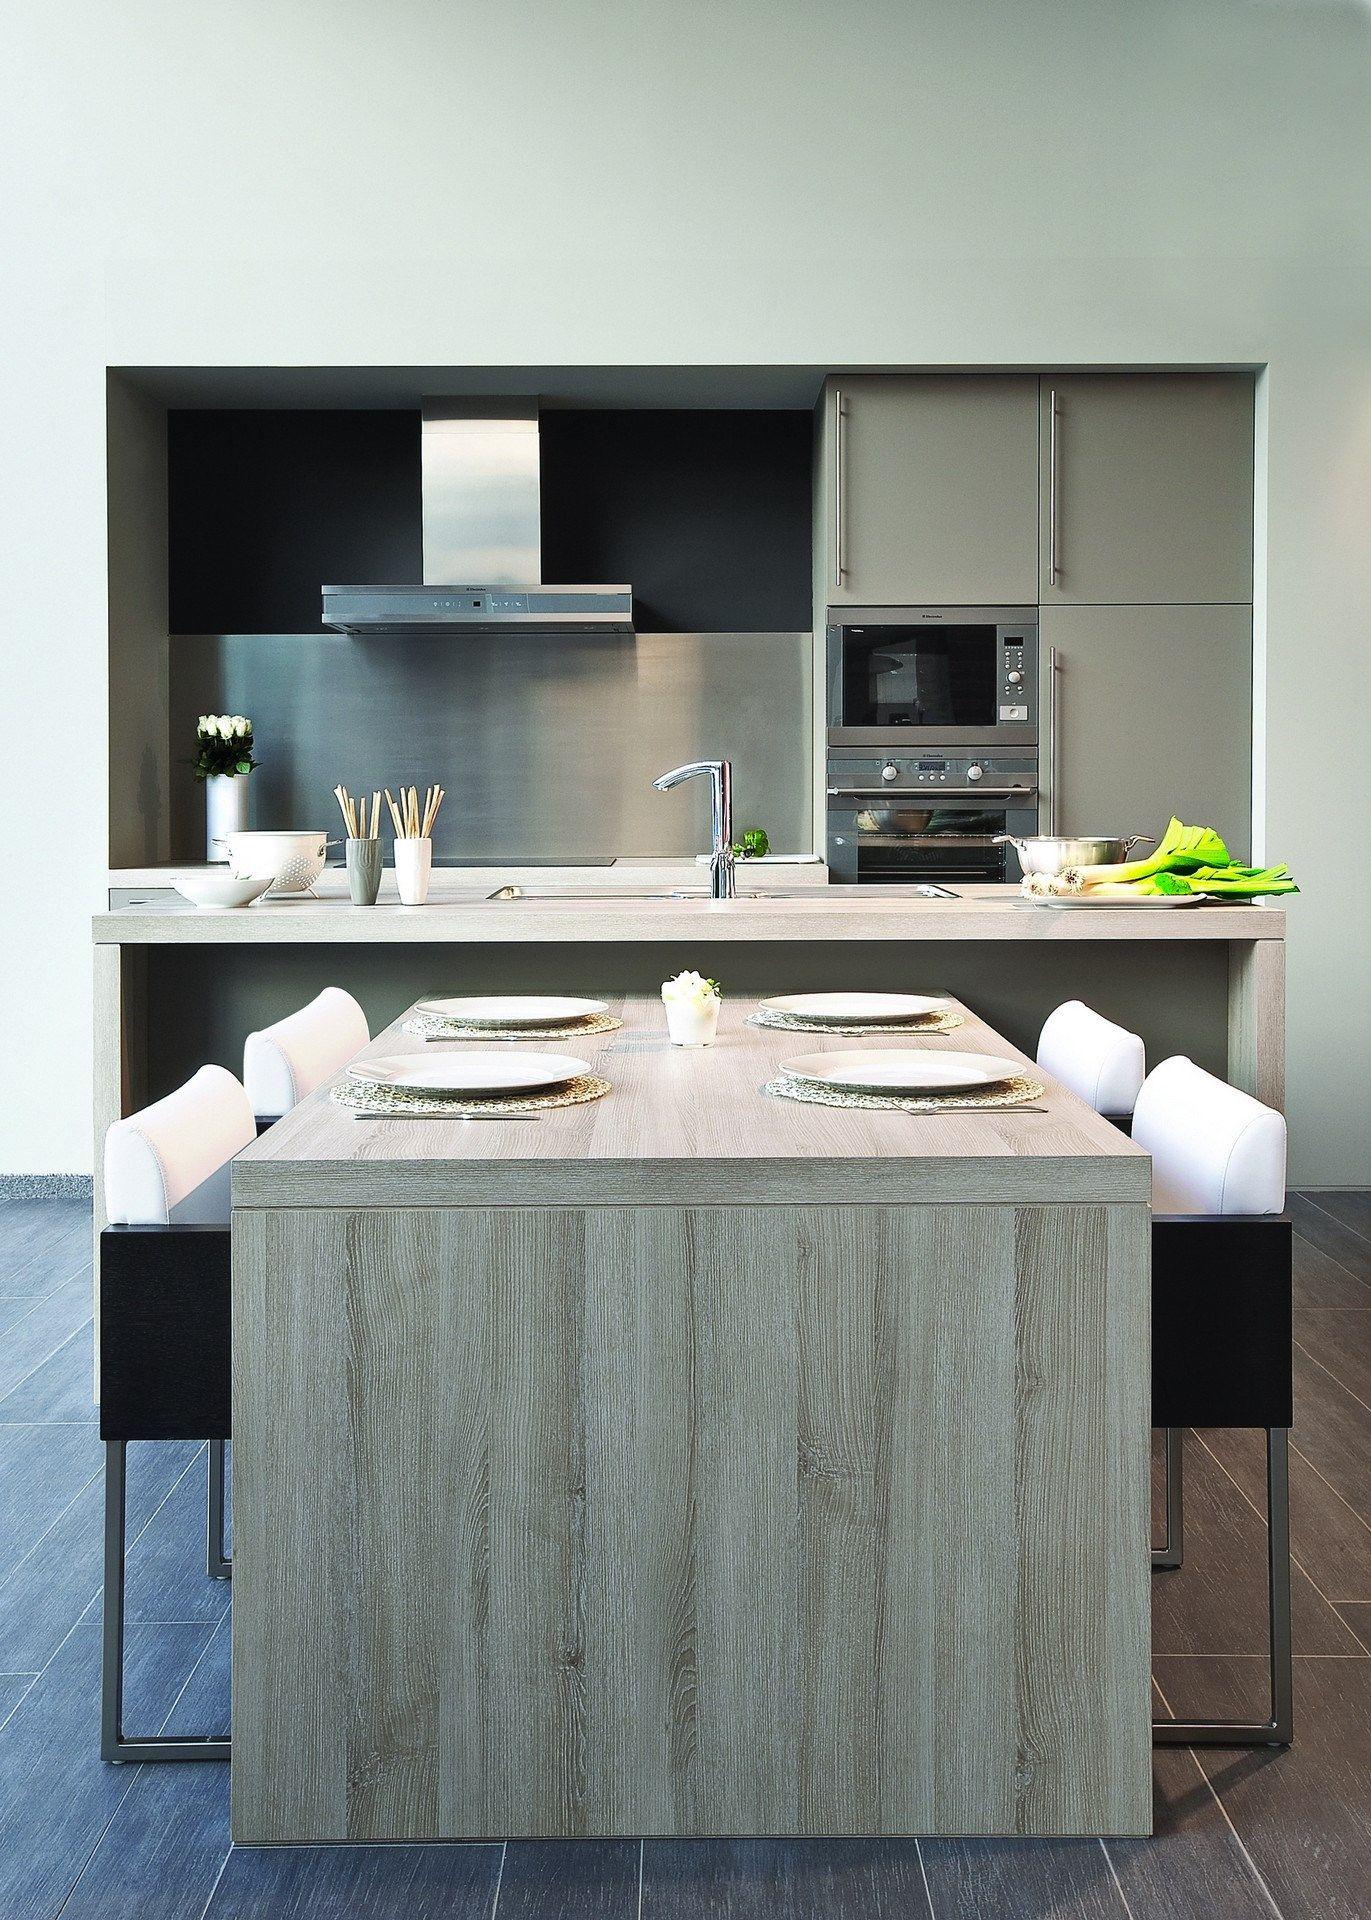 Met de Toronto Molina kies je voor een keukenmodel met een pittige ...